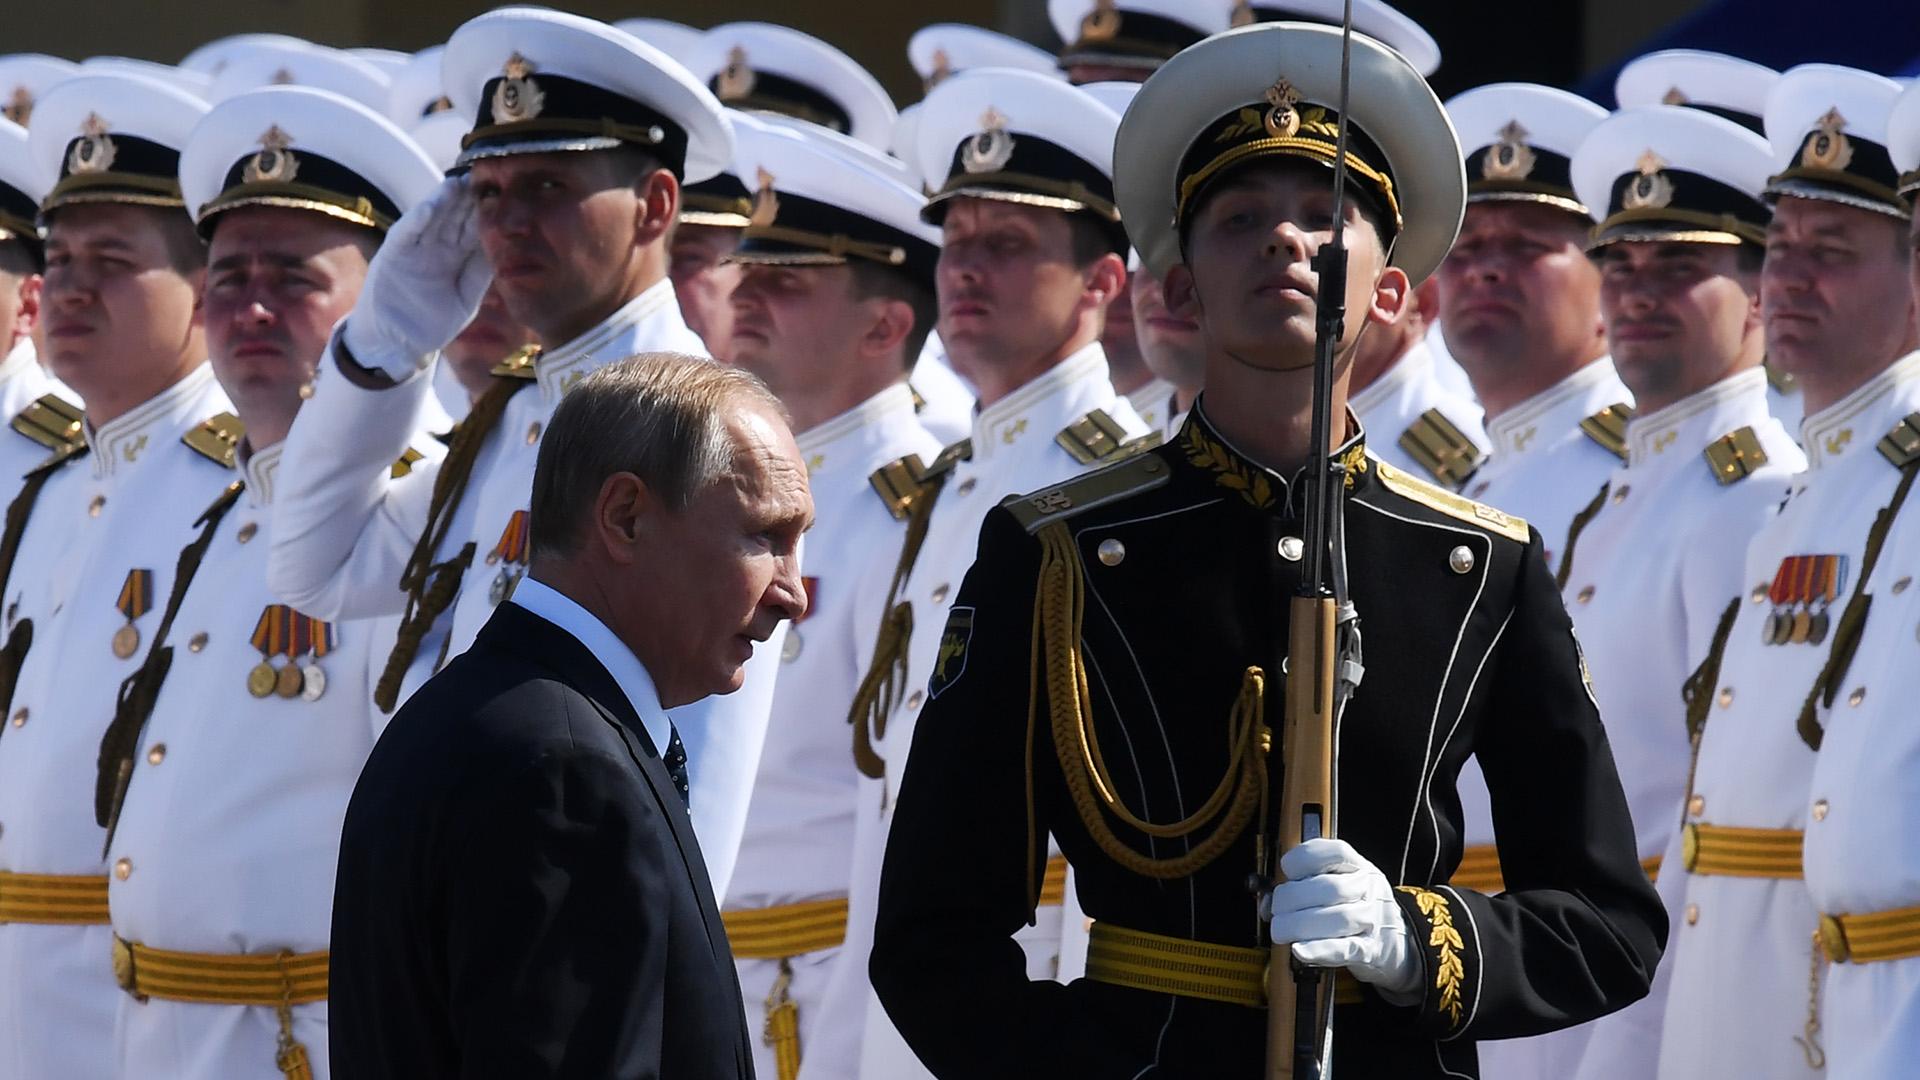 """Putin también agradeció a los marineros rusos, que mantienen el estatus de la Armada nacional como """"impertérrita e indestructible""""."""